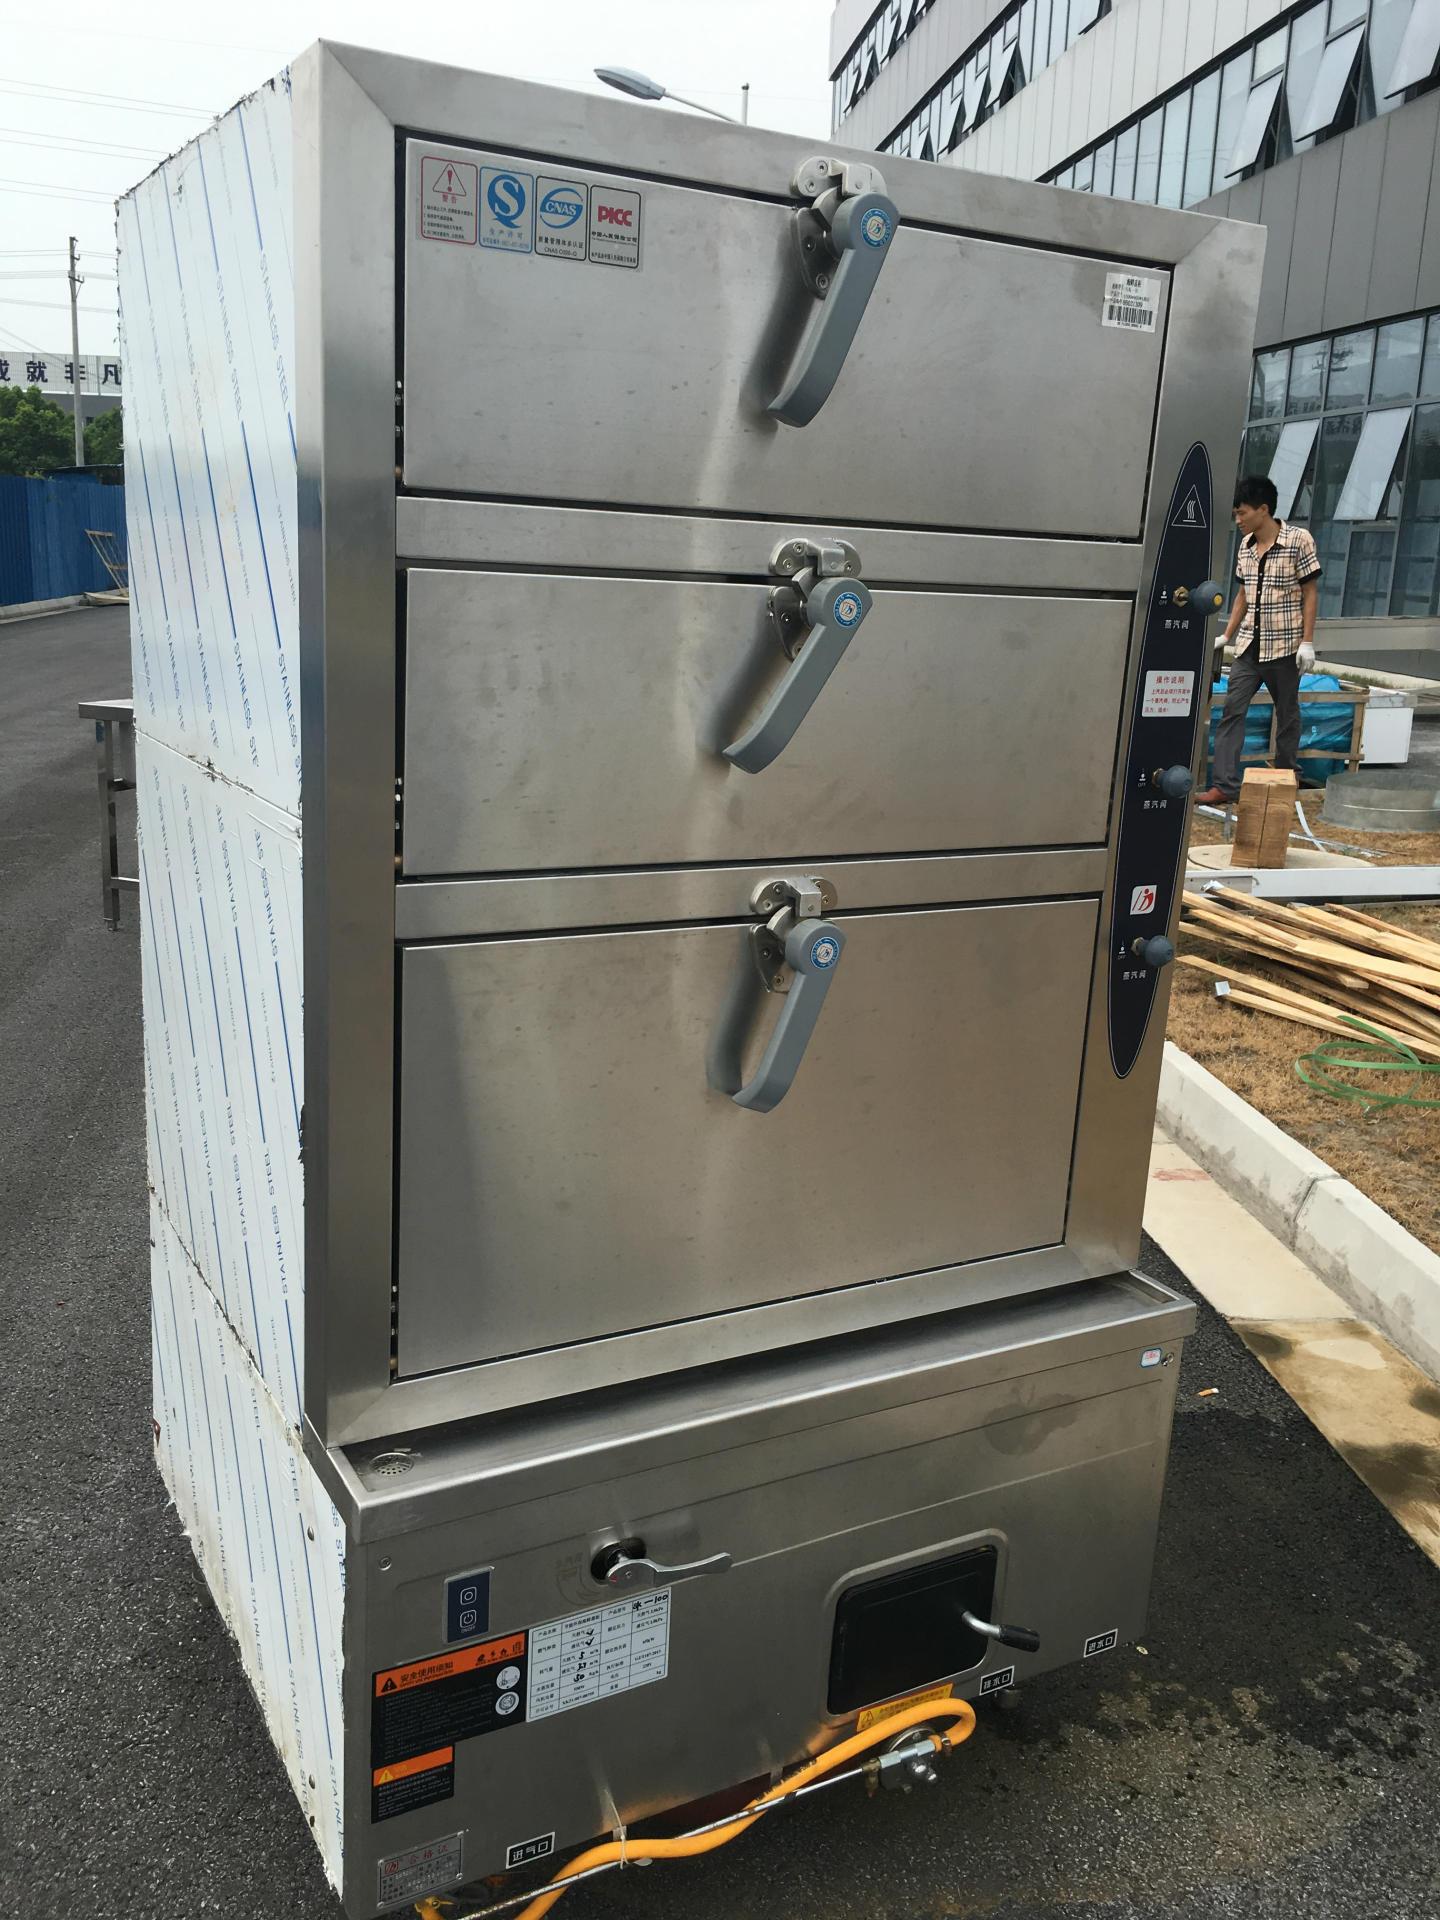 海鲜蒸柜电燃气商用蒸炉大功率电热蒸柜蒸饭车12盘 厨房蒸饭柜